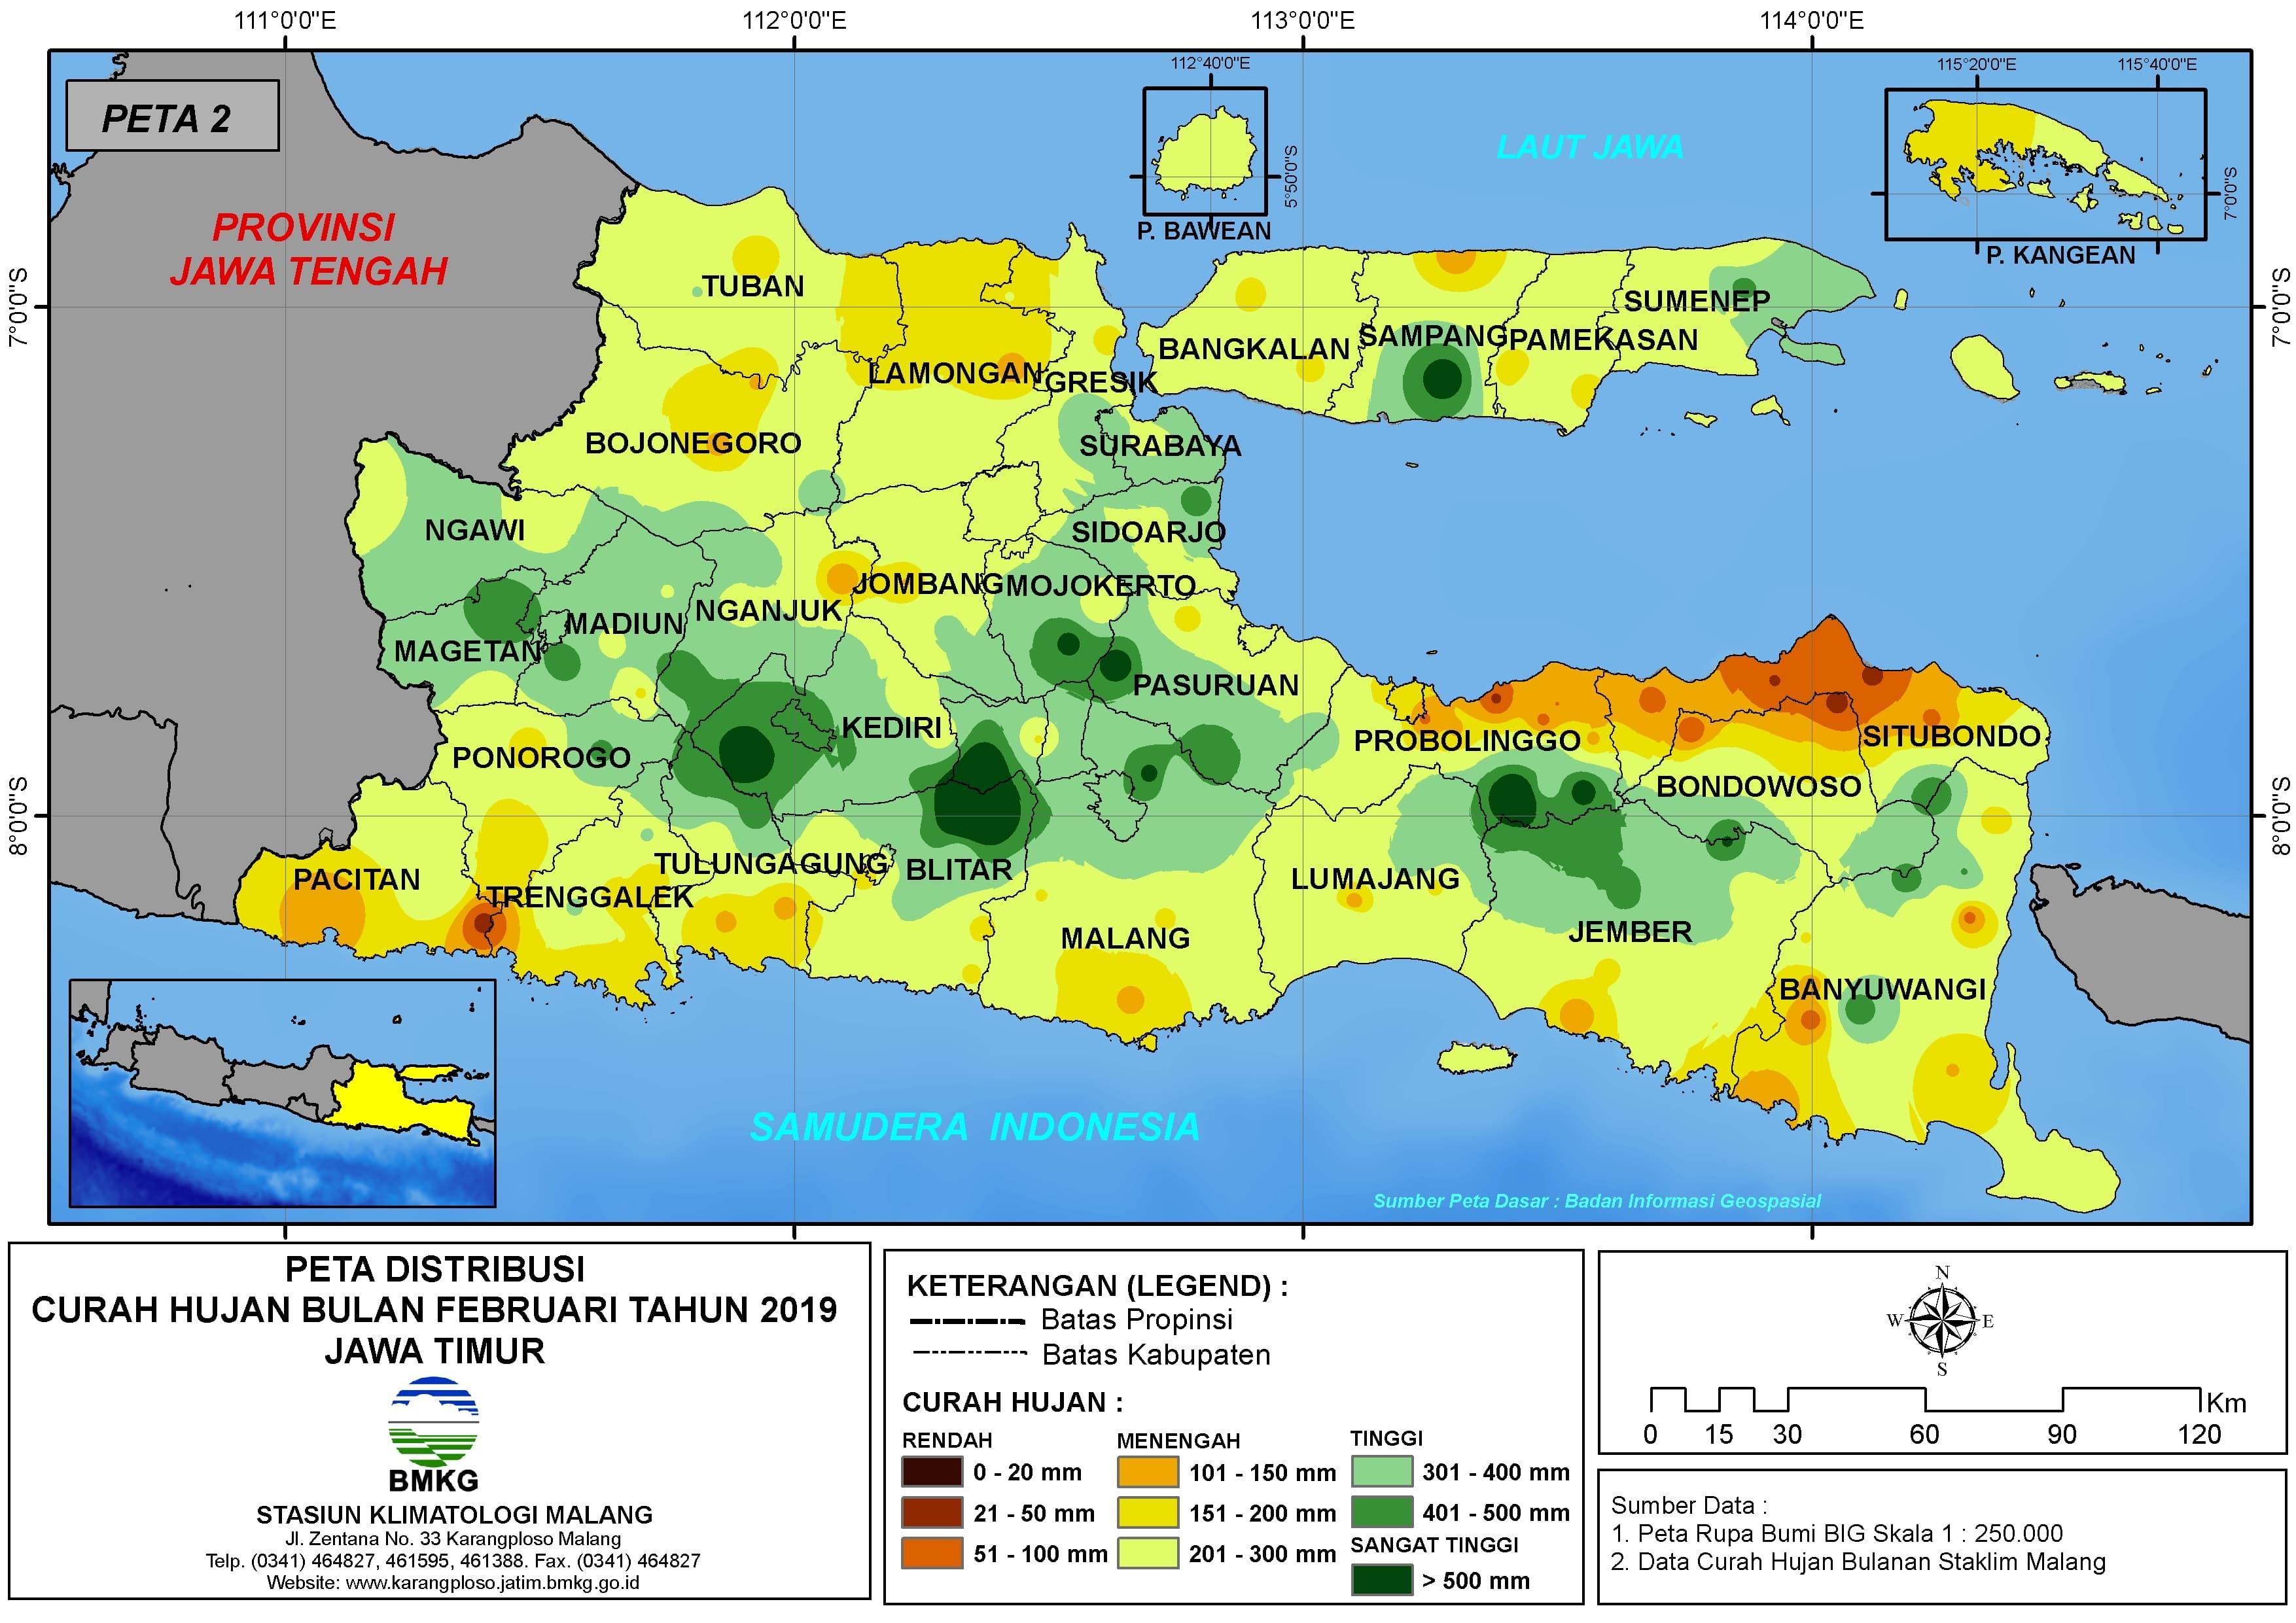 Analisis Distribusi Curah Hujan Bulan Februari Tahun 2019 di Provinsi Jawa Timur